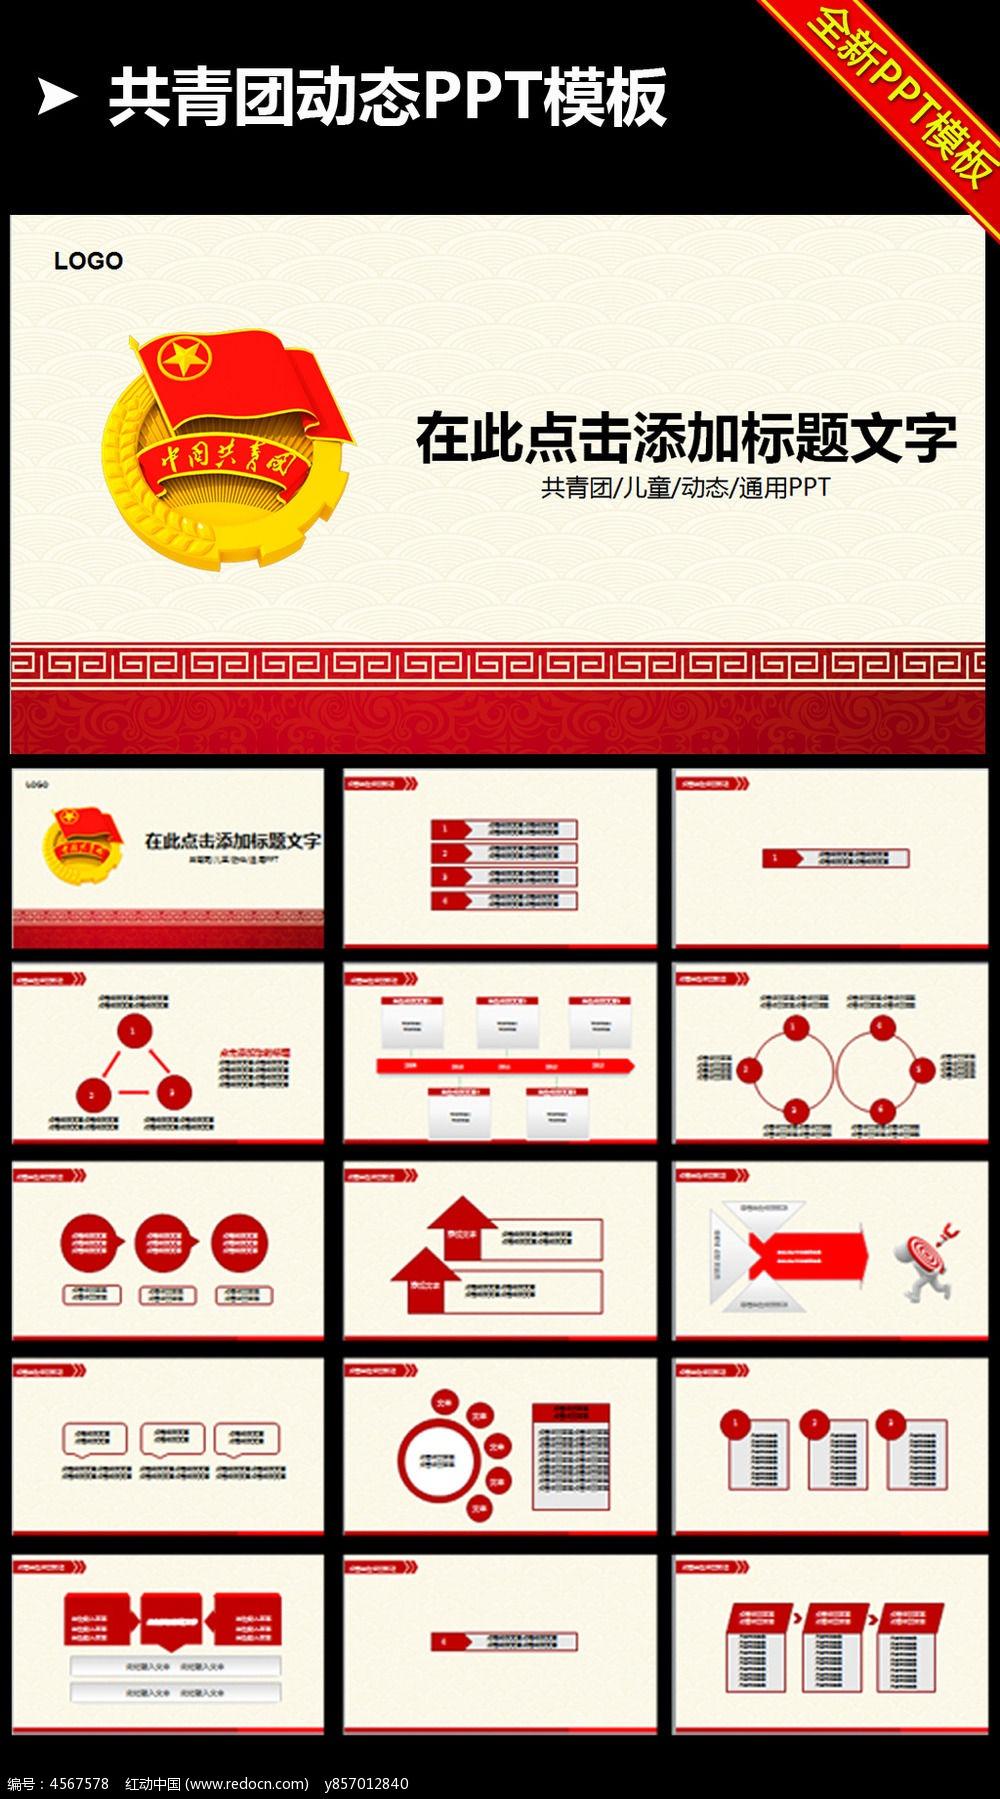 共青团志愿者活动PPT模板素材下载 编号4567578 红动网